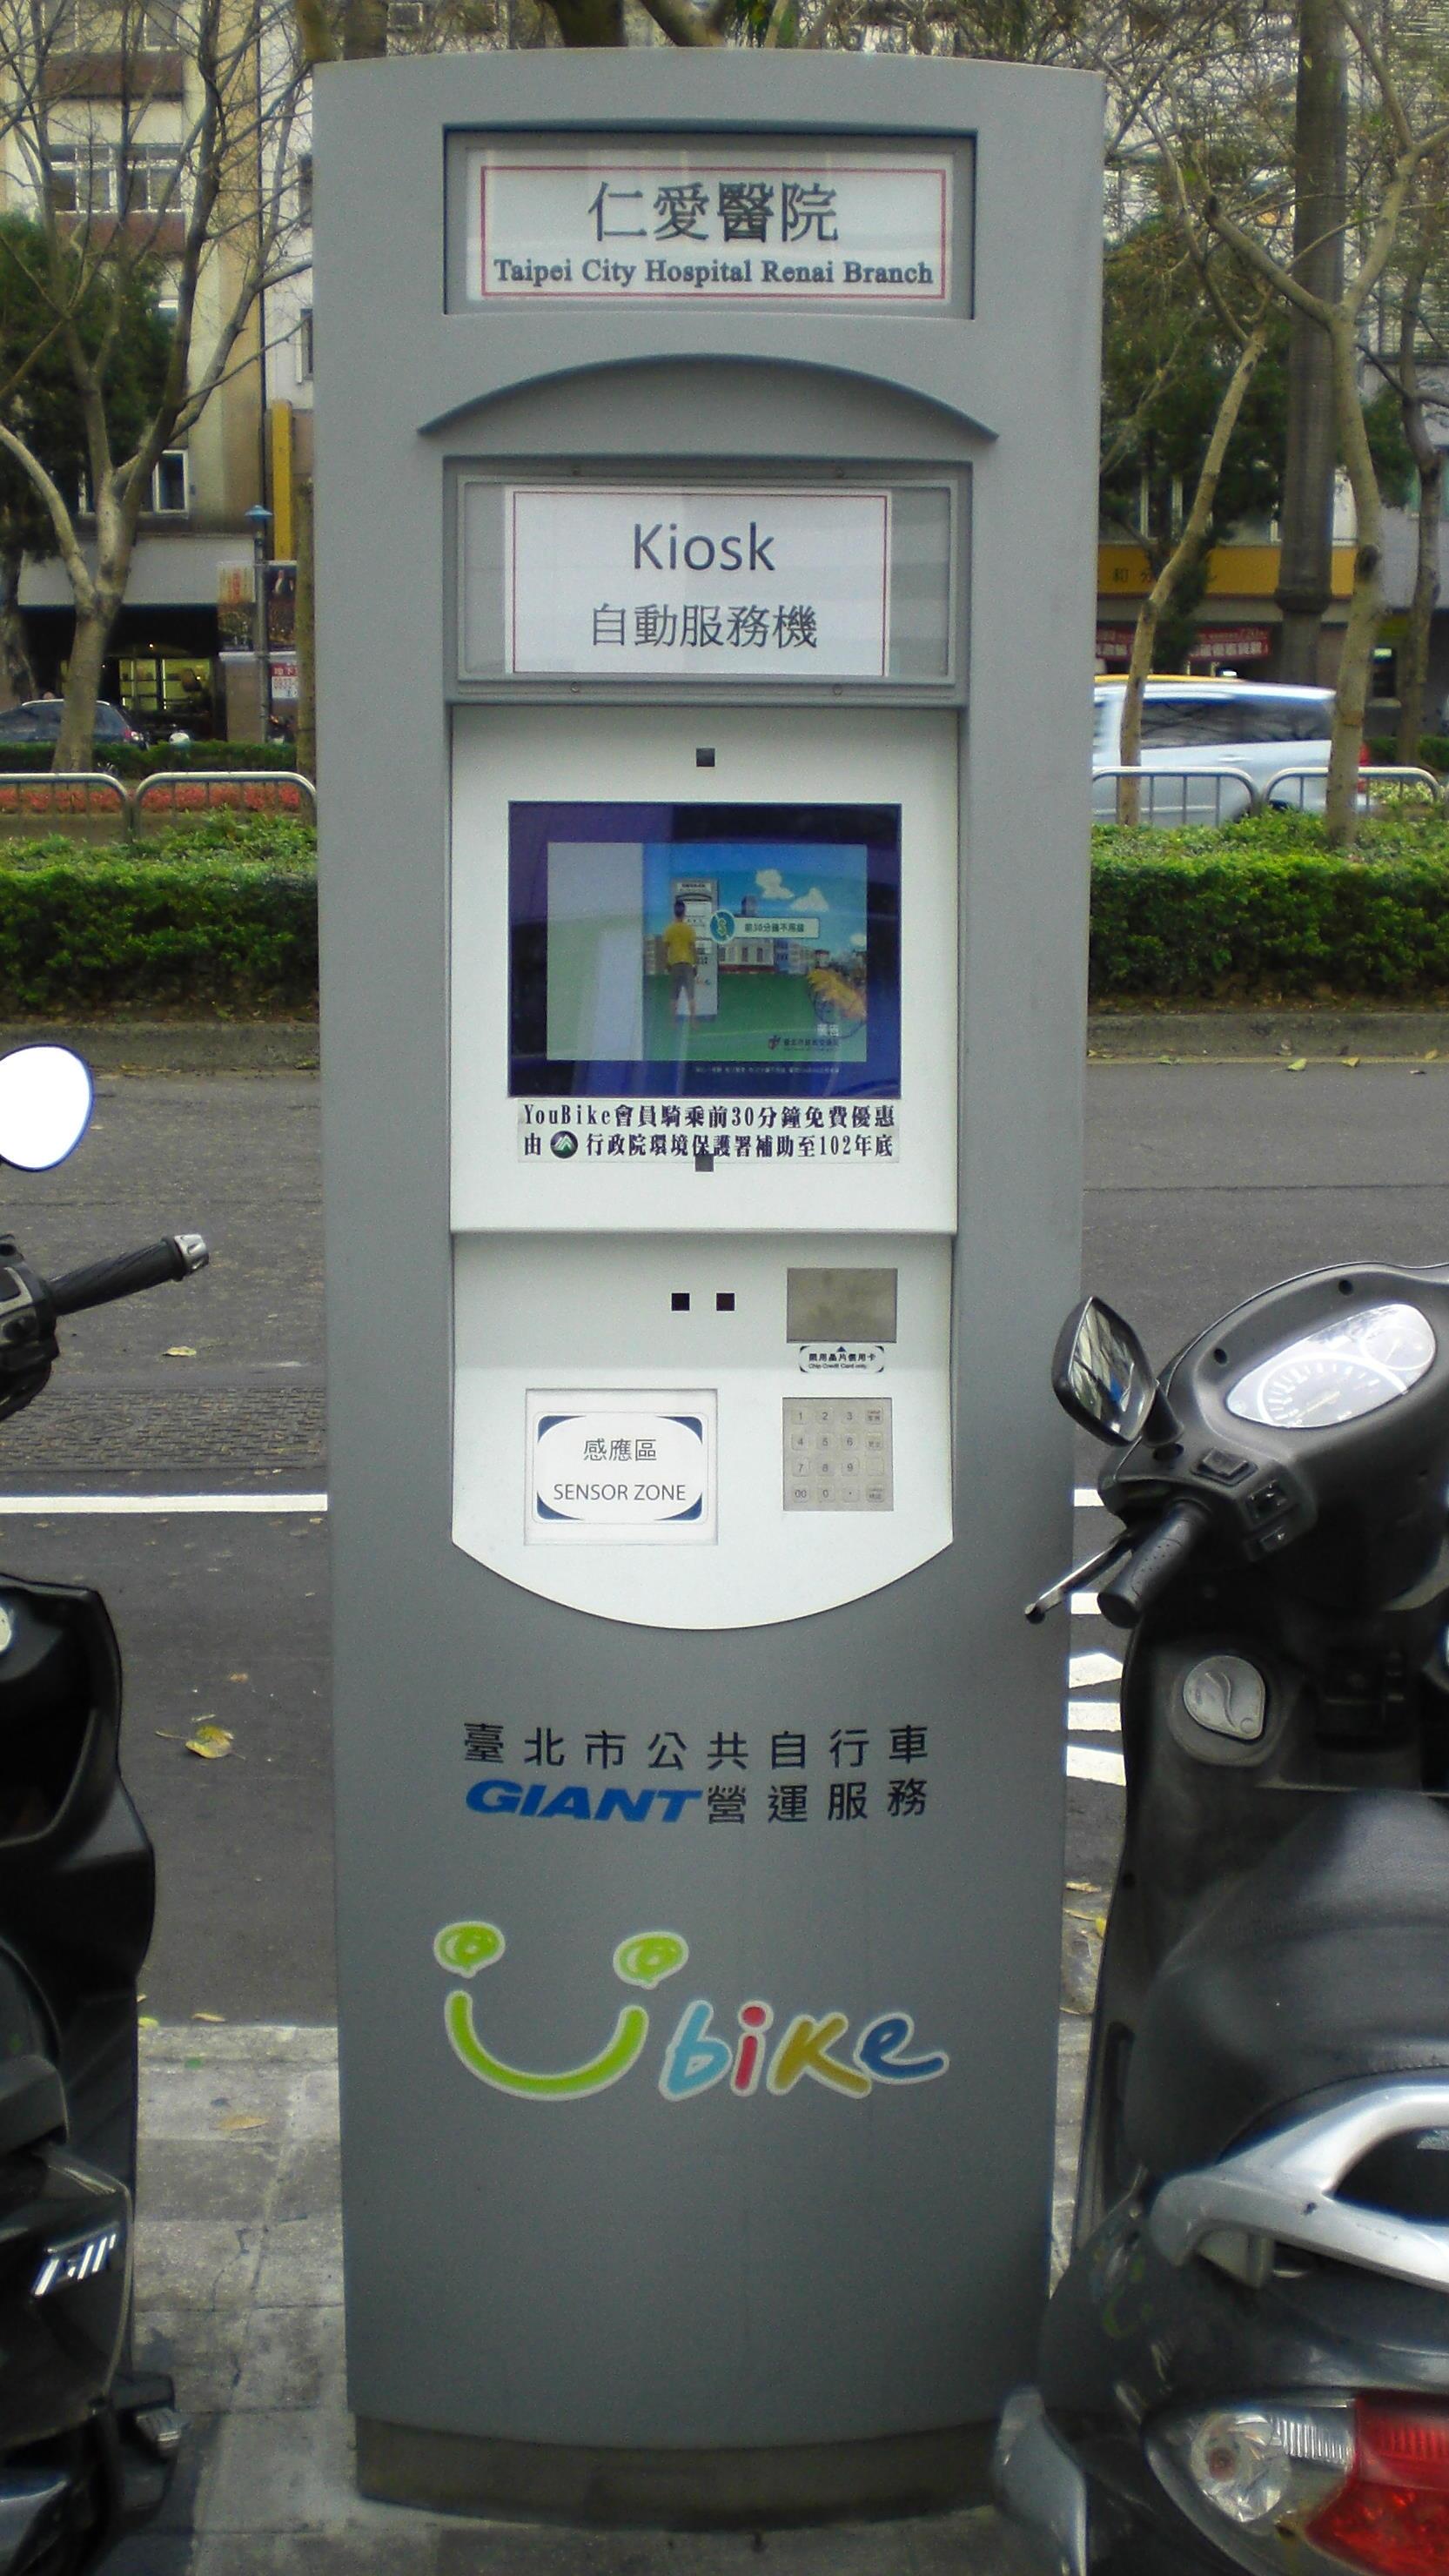 کیوسک اطلاع رسانی در خدمات شهری